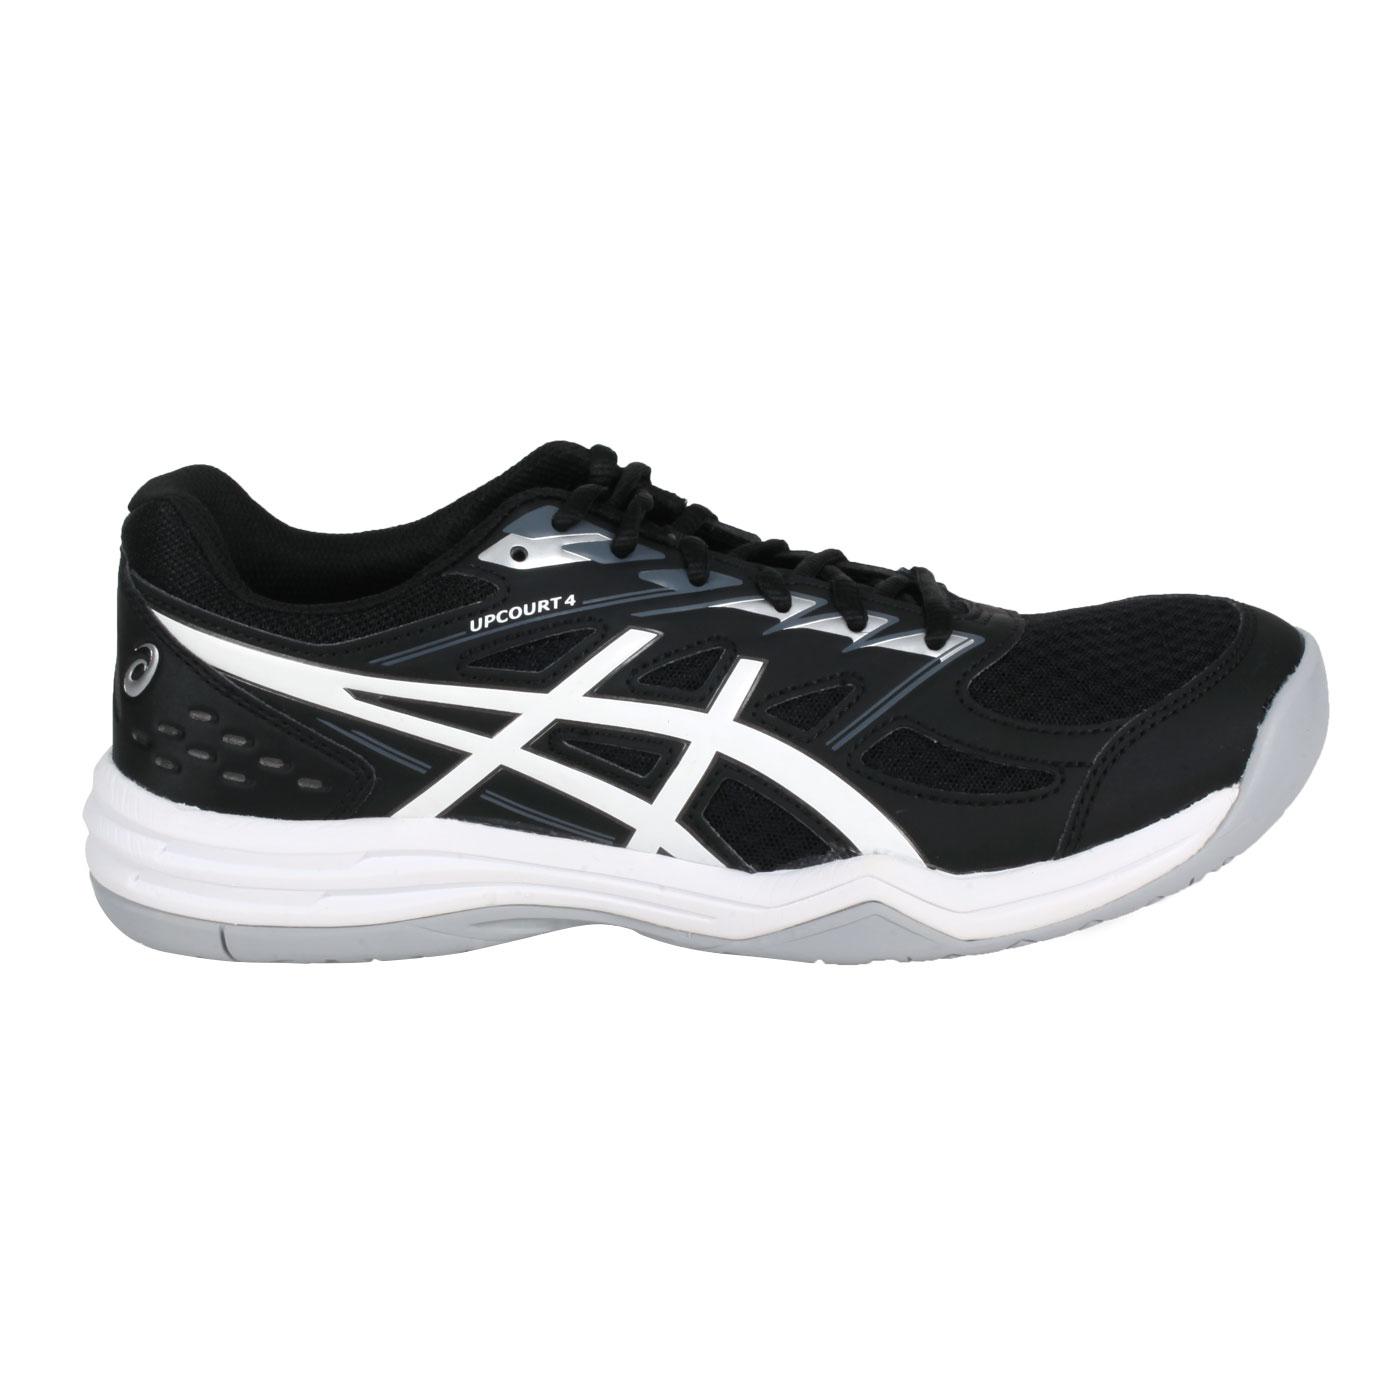 ASICS 男款排羽球鞋  @UPCOURT 4@1071A053-003 - 黑白